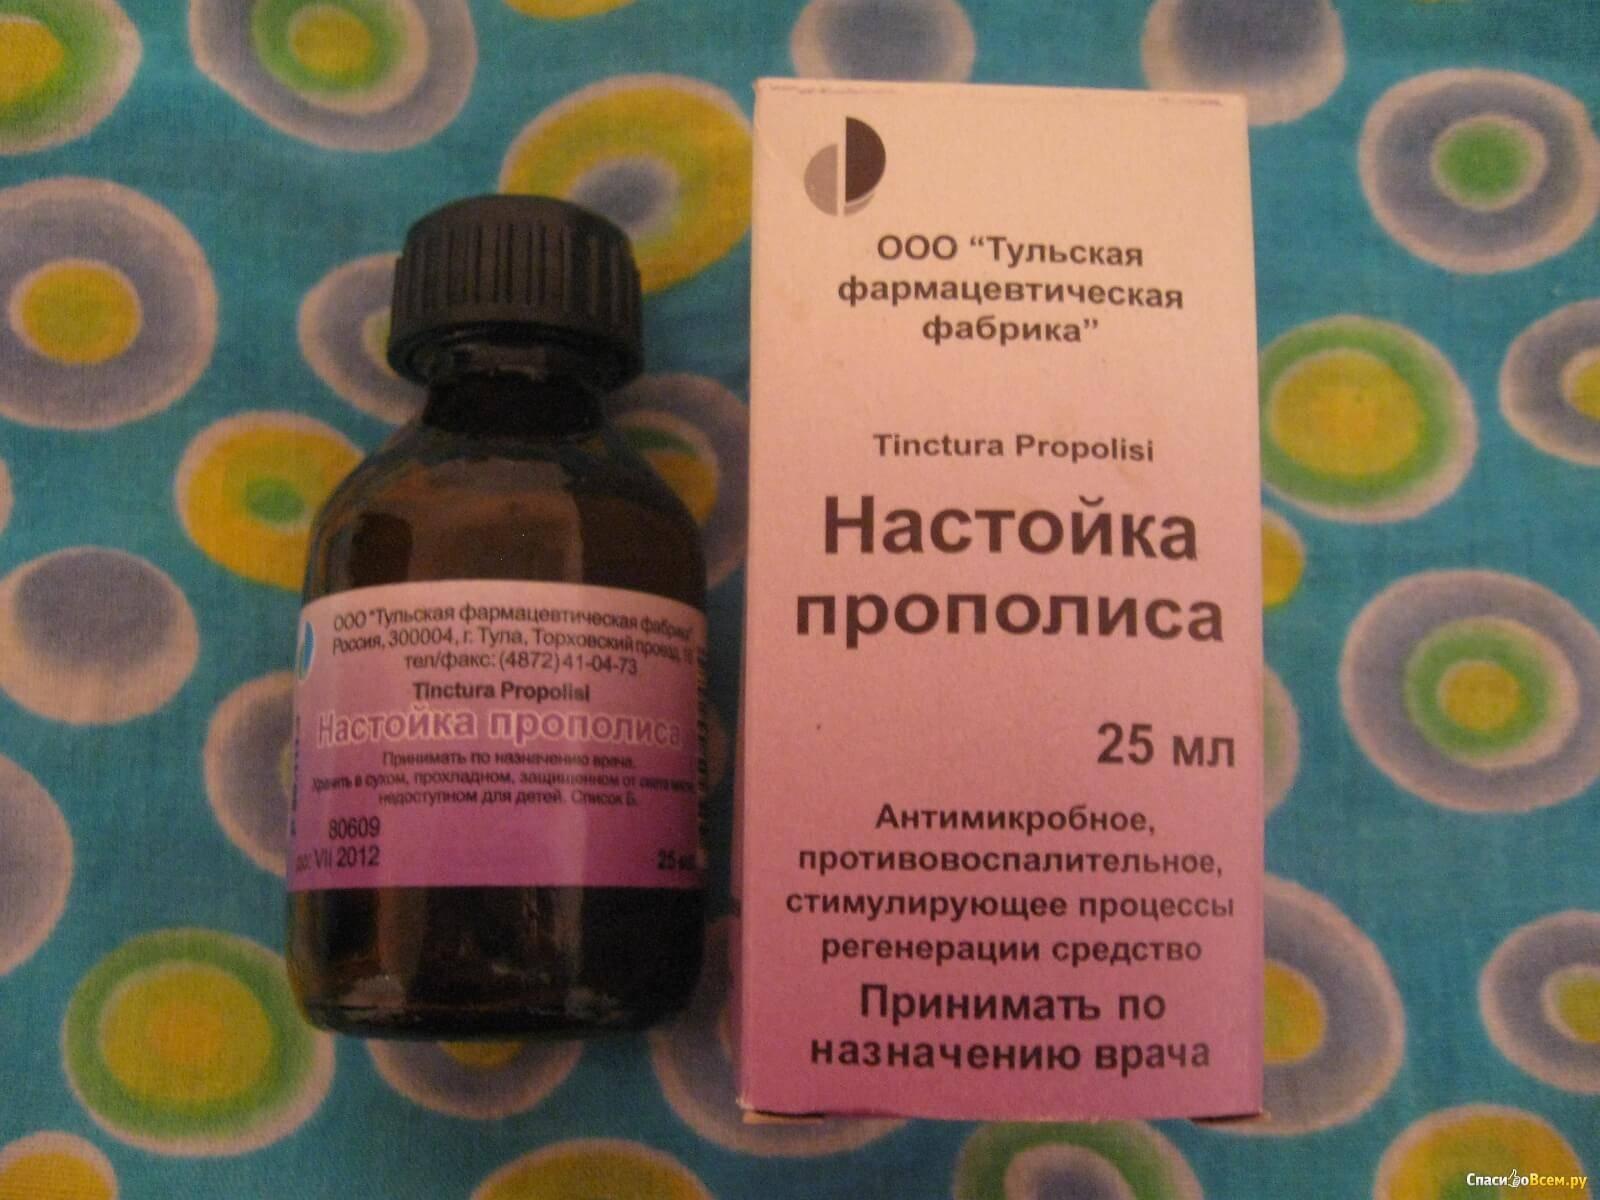 Настойка прополиса на спирту при лечении различных заболеваний, от чего помогают капли прополиса ребёнку